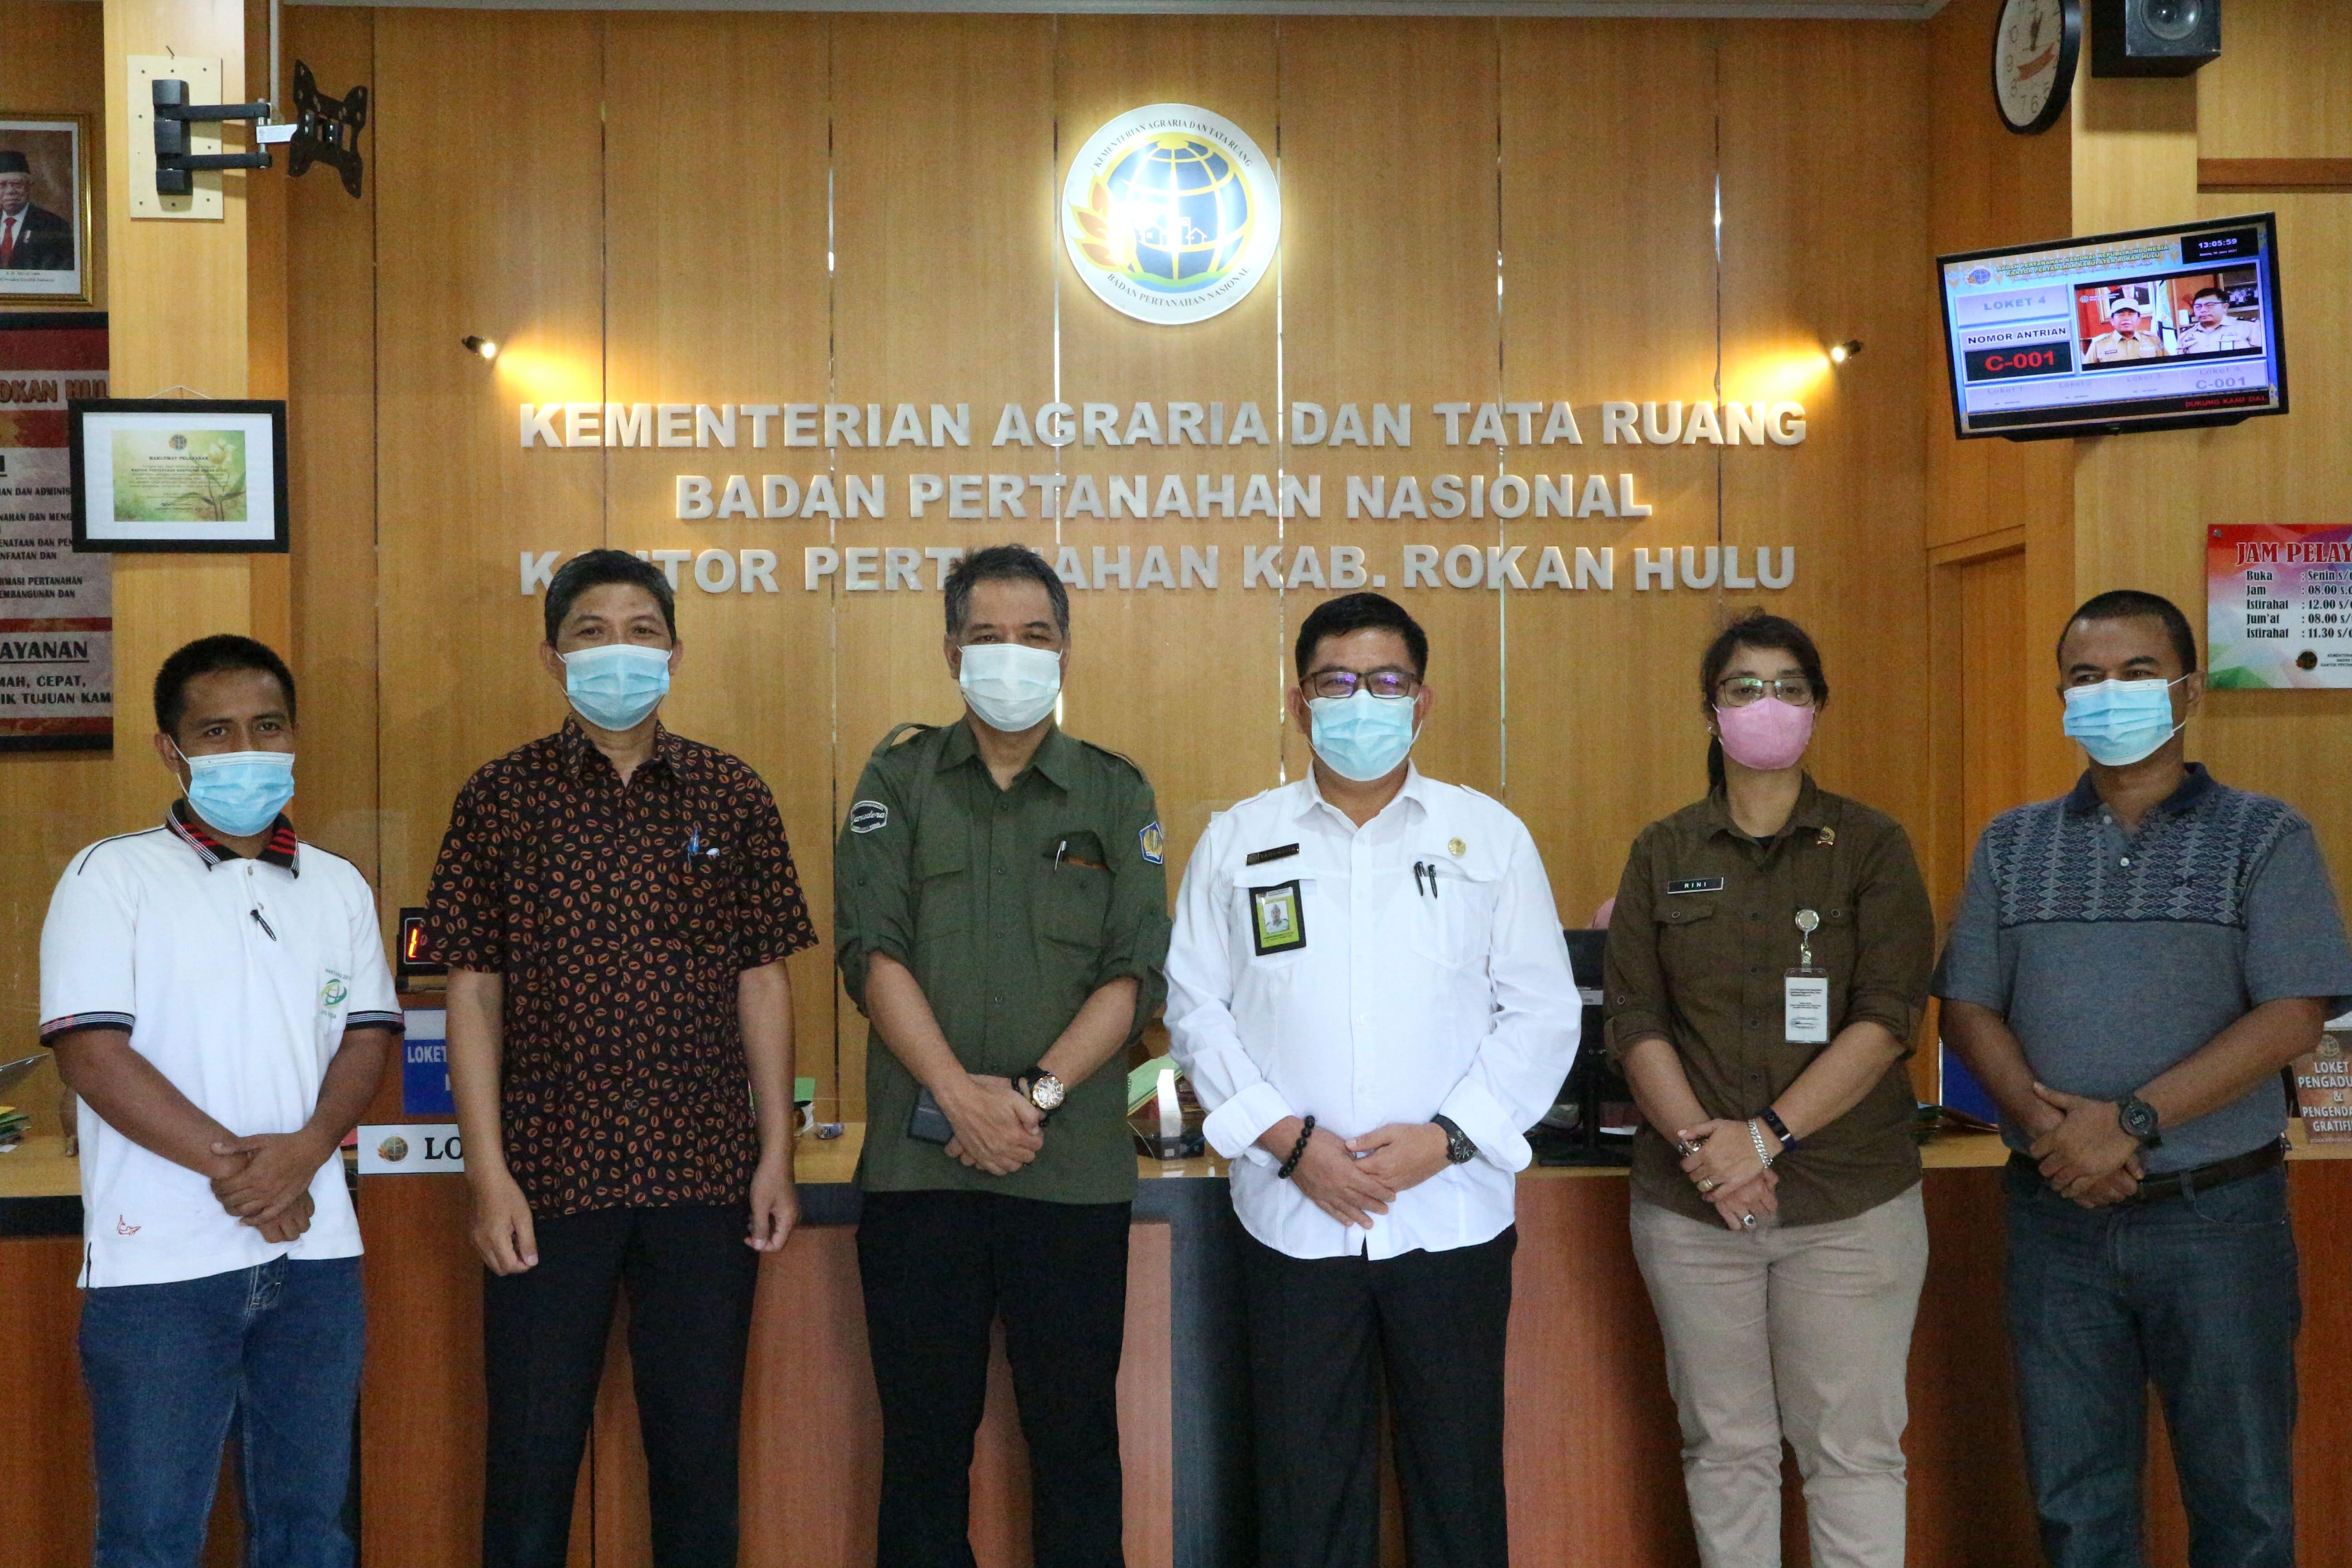 Kunjungan KPKNL Pekanbaru ke Kantah Kabupaten Rokan Hulu Buahkan Tiga Hasil